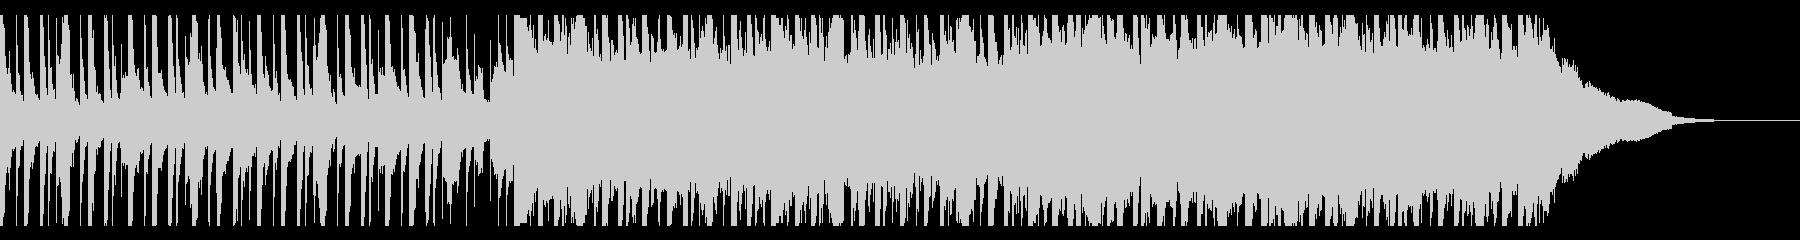 パンク トラップ ヒップホップ ポ...の未再生の波形